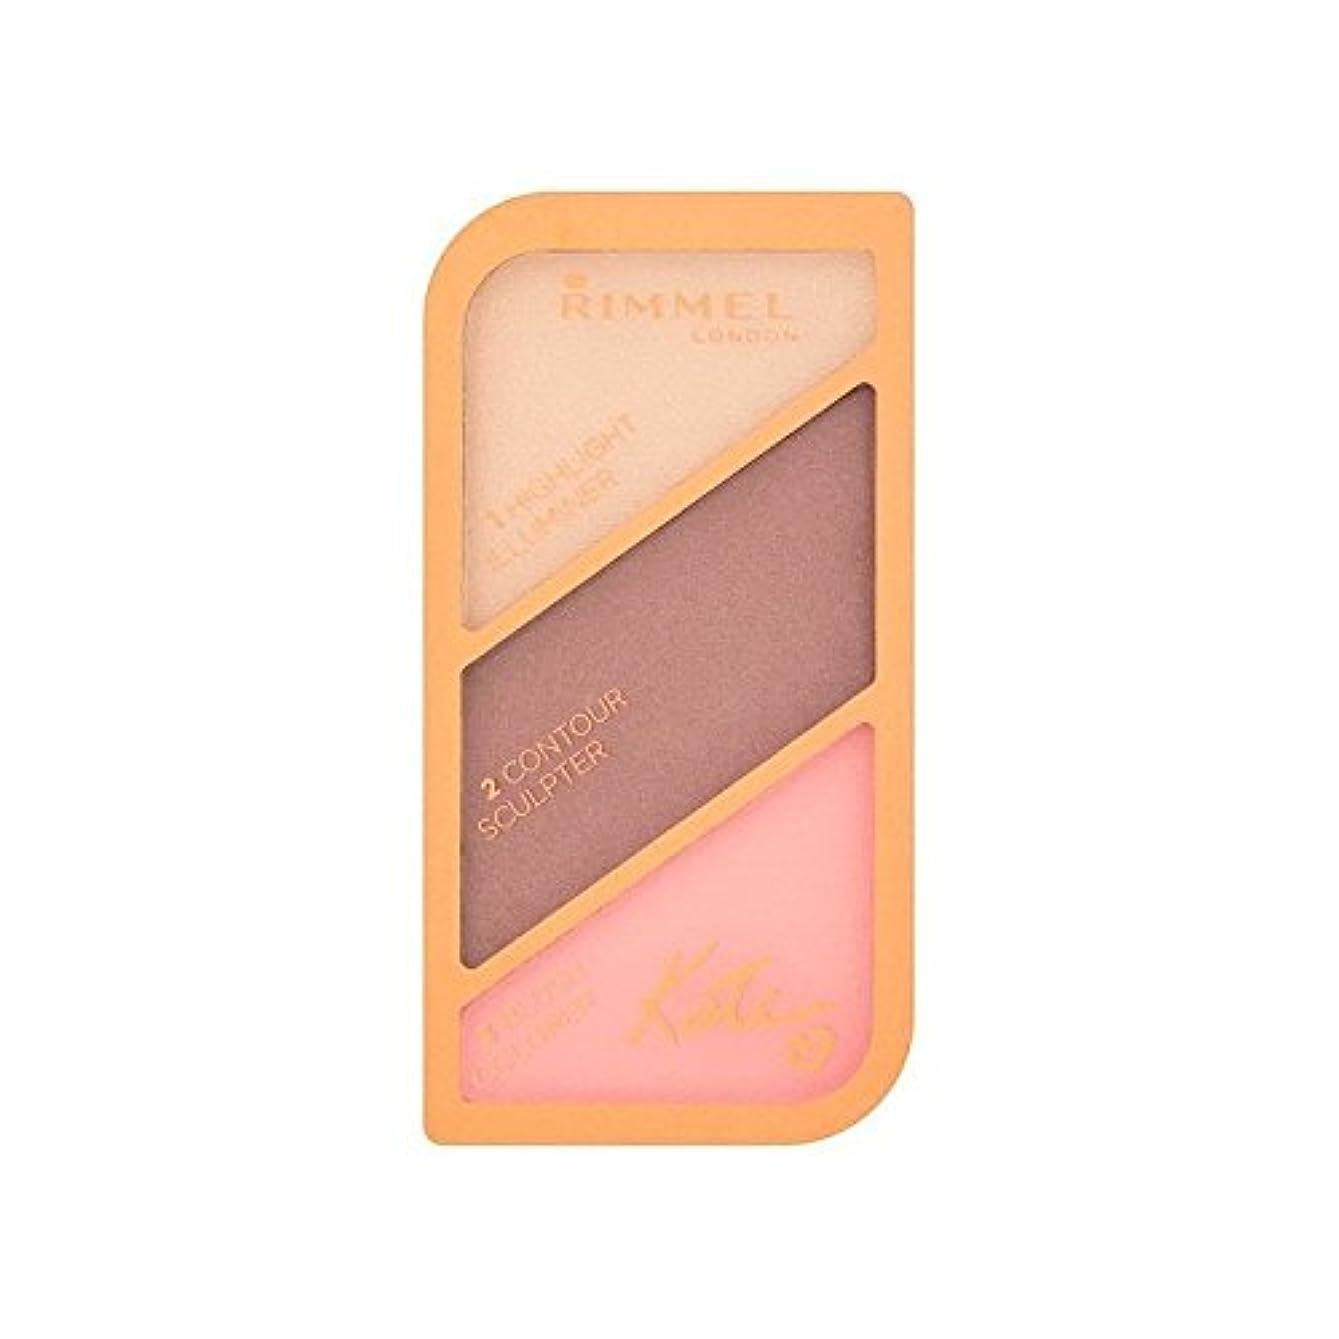 パスブートジャーナリストリンメルケイト?モスの彫刻パレット黄金のブロンズ003 x4 - Rimmel Kate Moss Sculpting Palette Golden Bronze 003 (Pack of 4) [並行輸入品]